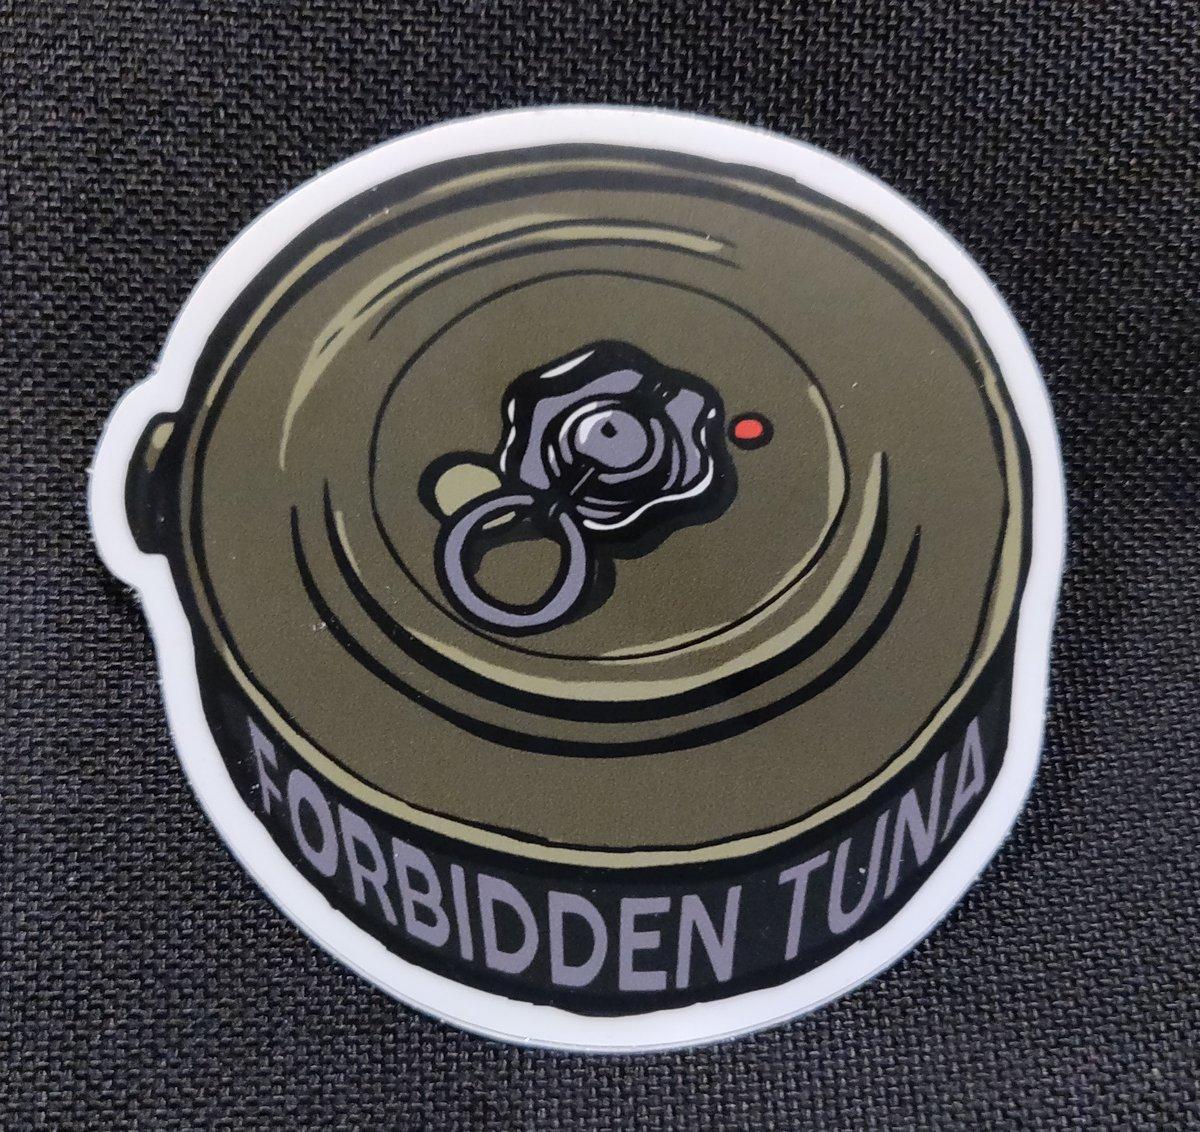 Image of Forbidden Tuna Sticker